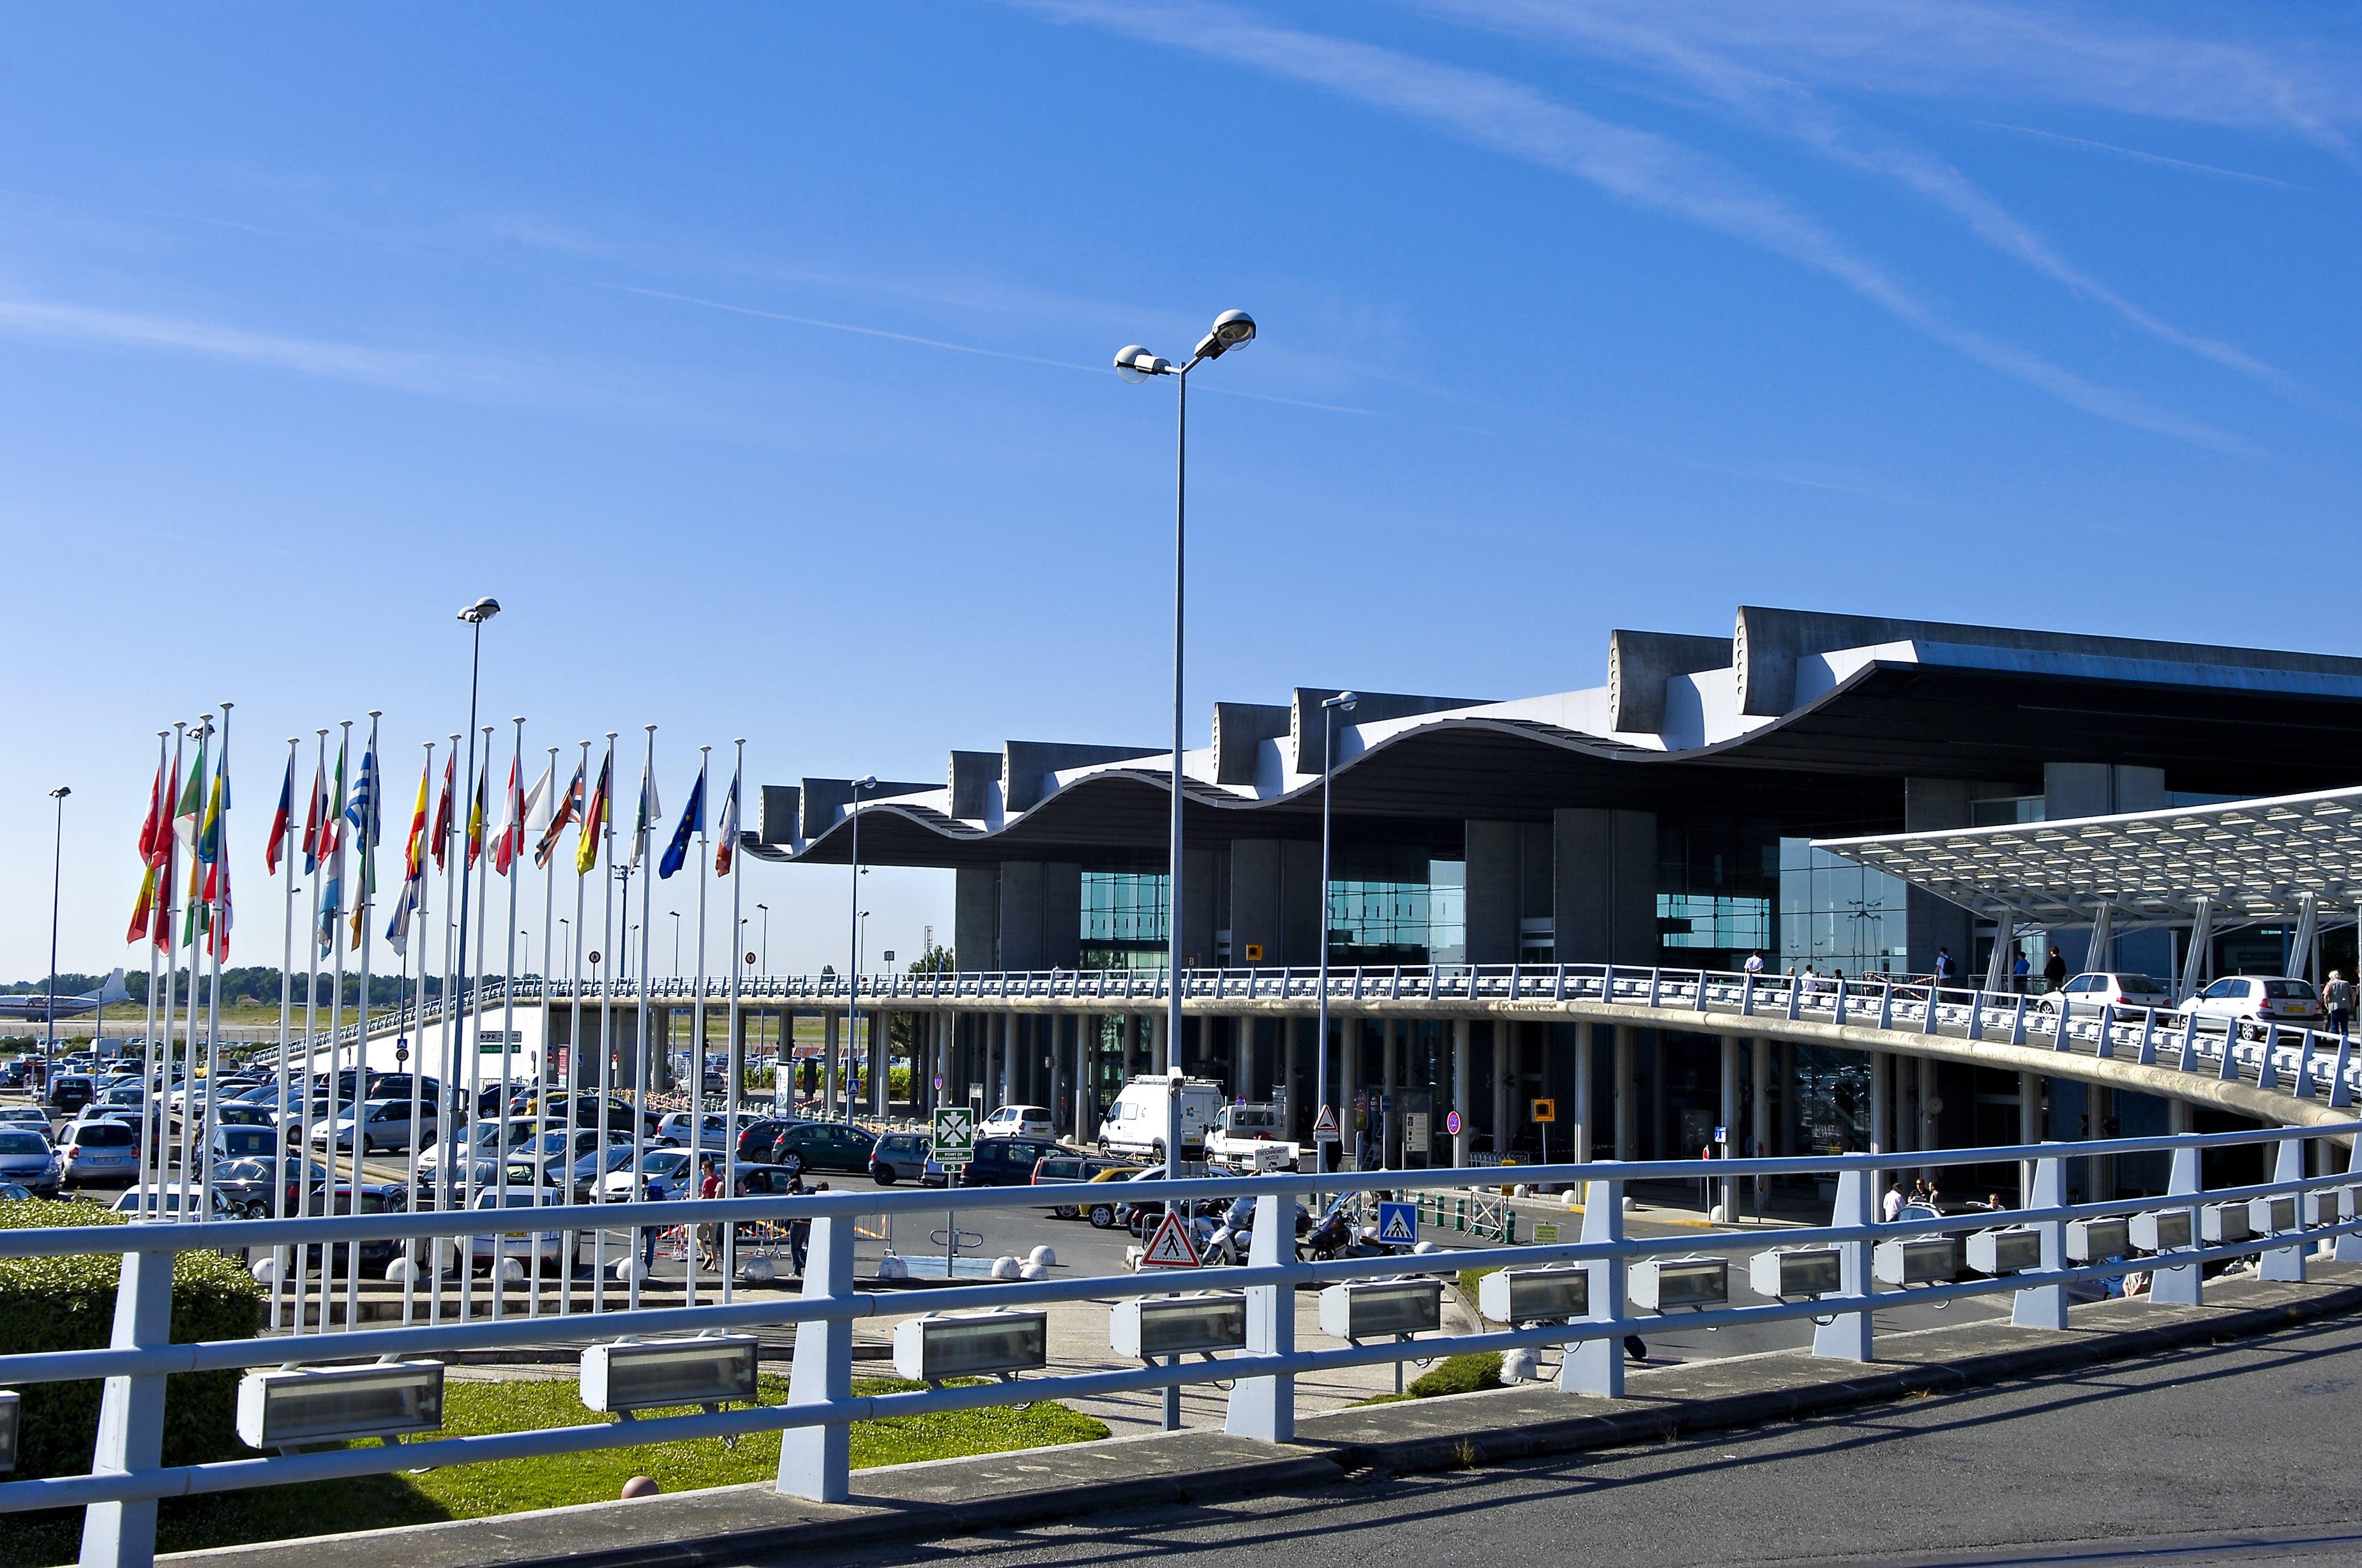 L'aéroport de Bordeaux annonce une belle année en 2018 avec un record du nombre de passagers - DR Aéroport de Bordeaux